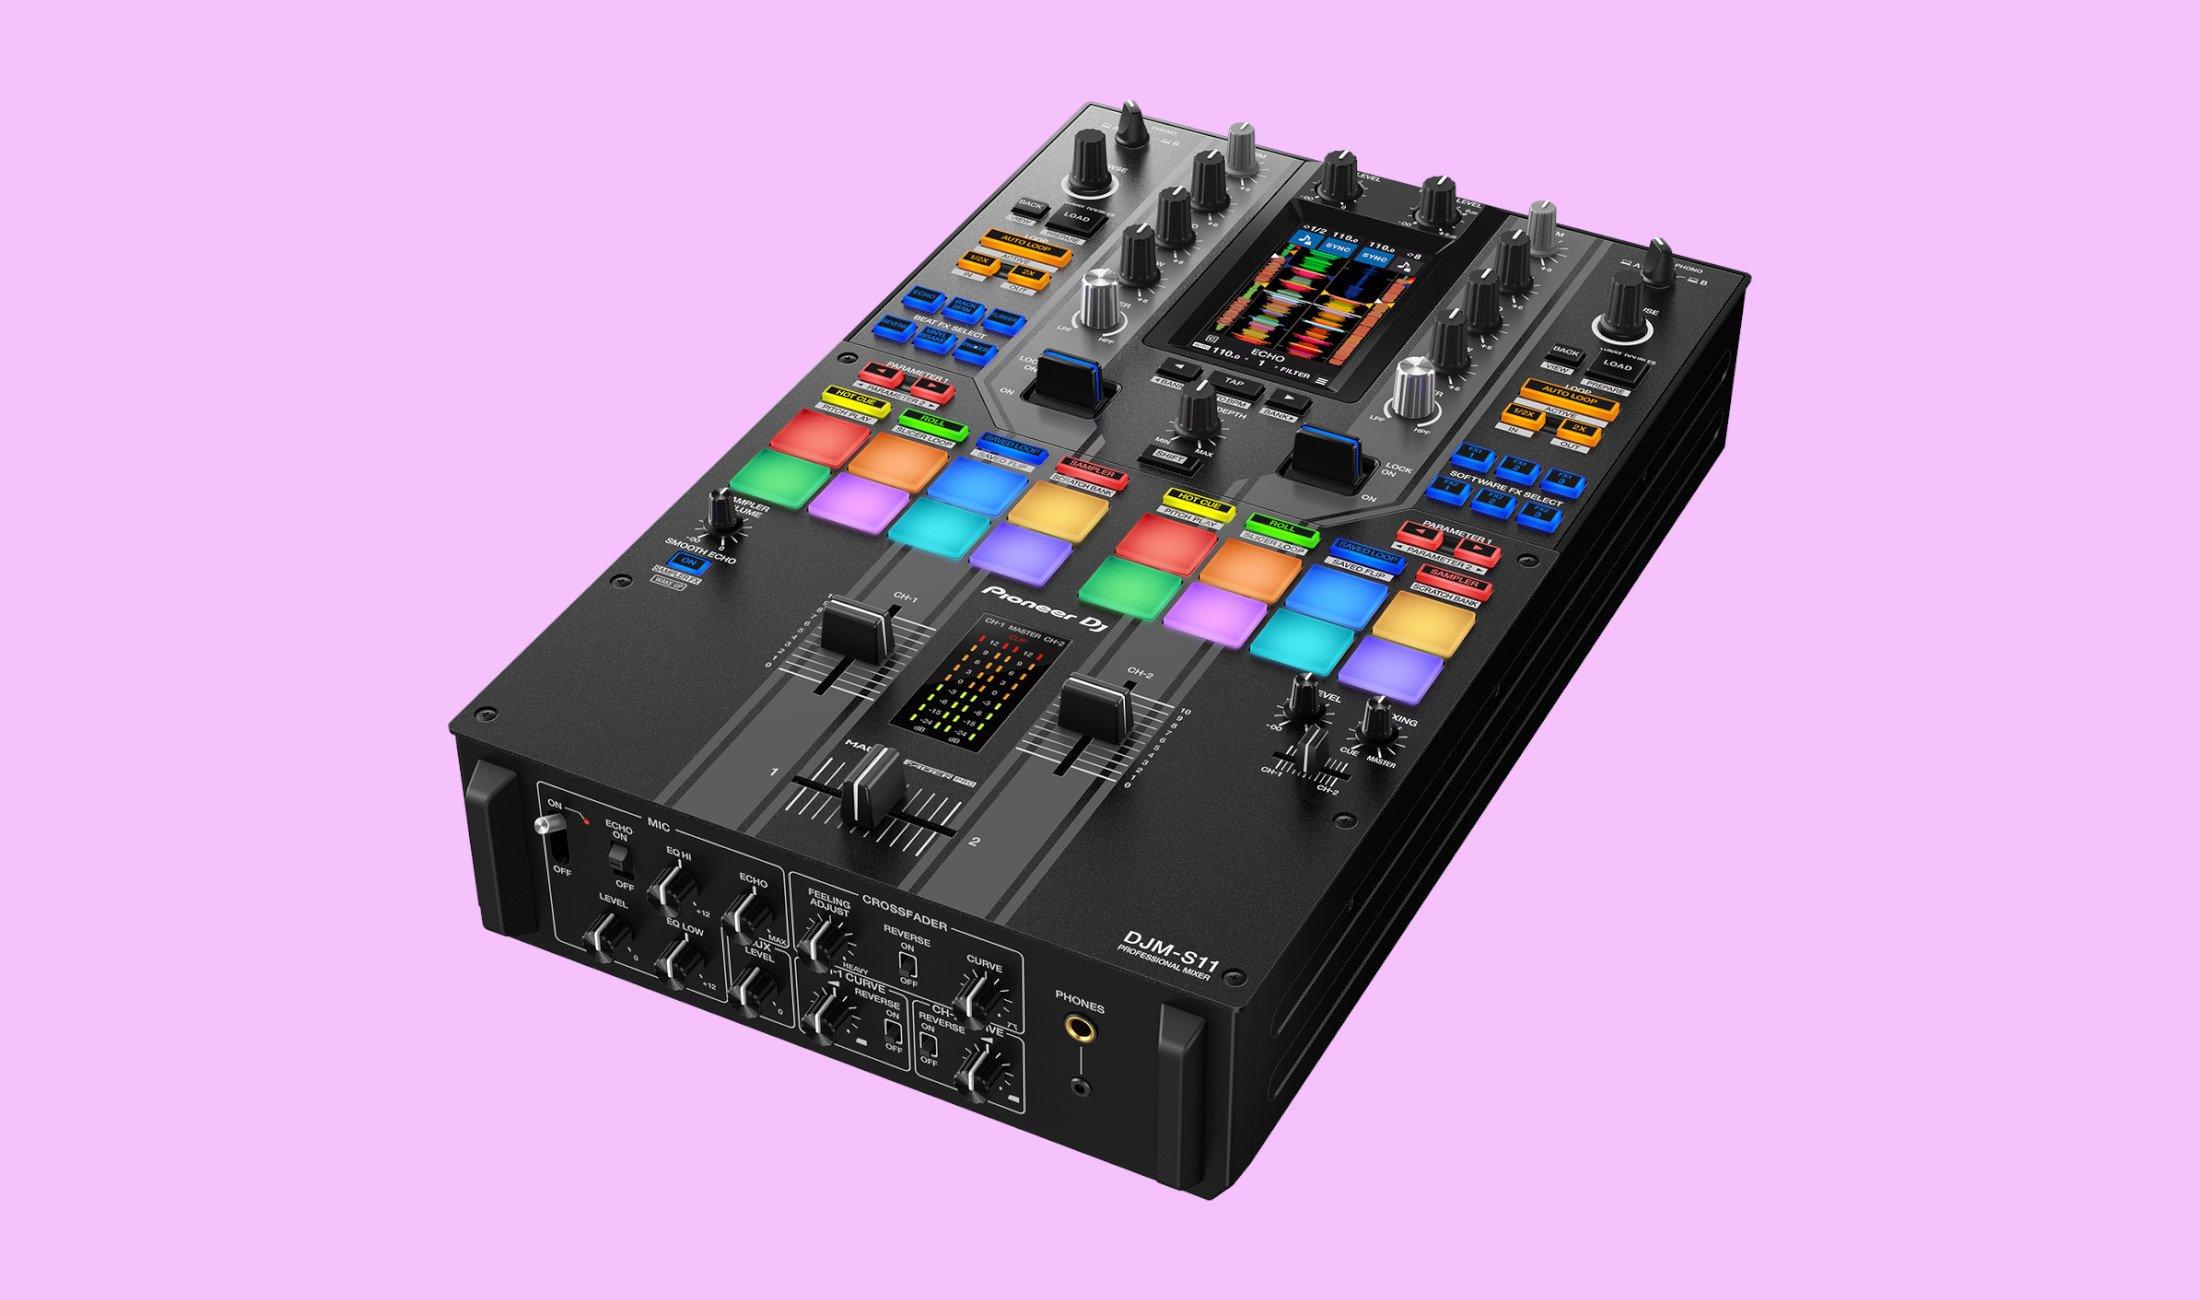 Pioneer DJ: Neuer Battlemixer DJM-S11 vorgestellt - DJ LAB